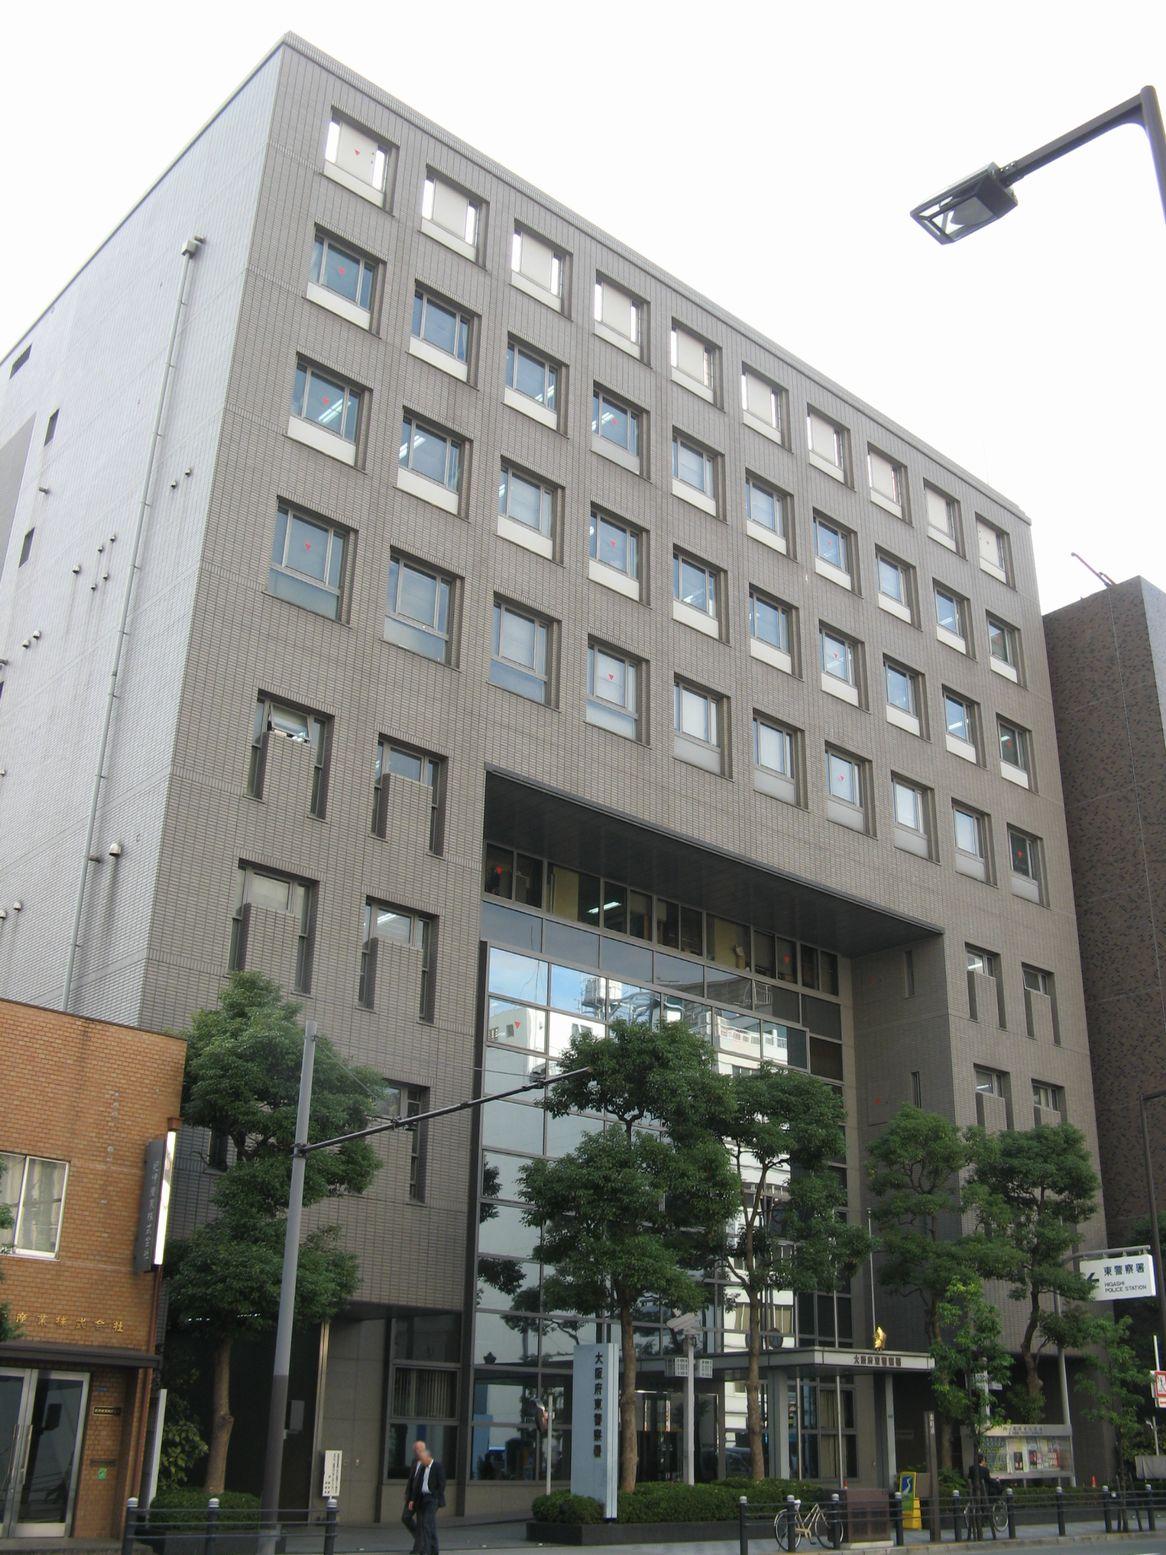 東 警察 署 東警察署 - 愛知県警察 - Aichi